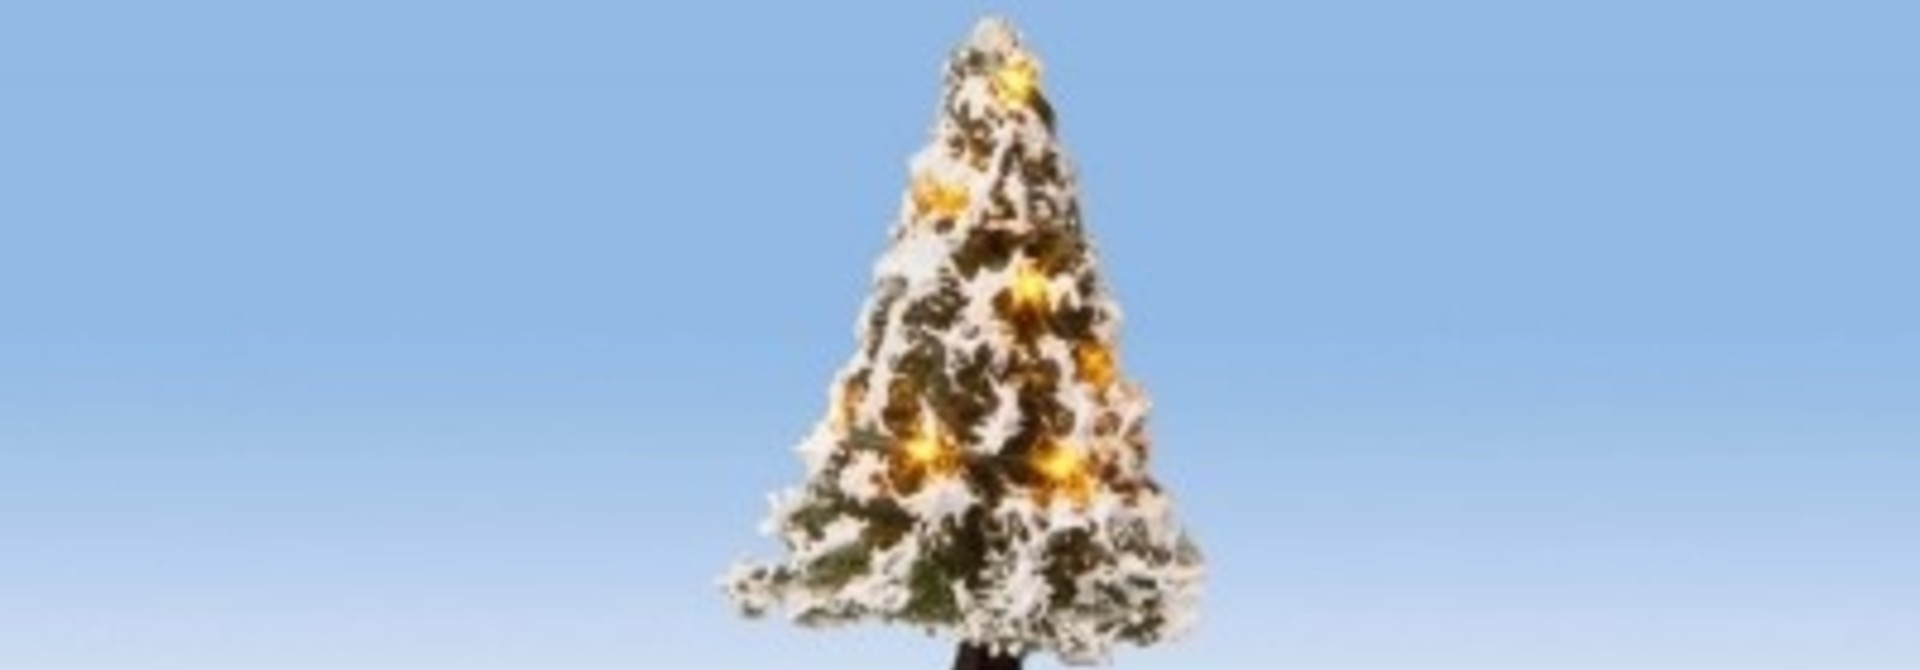 22110 Beleuchteter Weihnachtsbaum